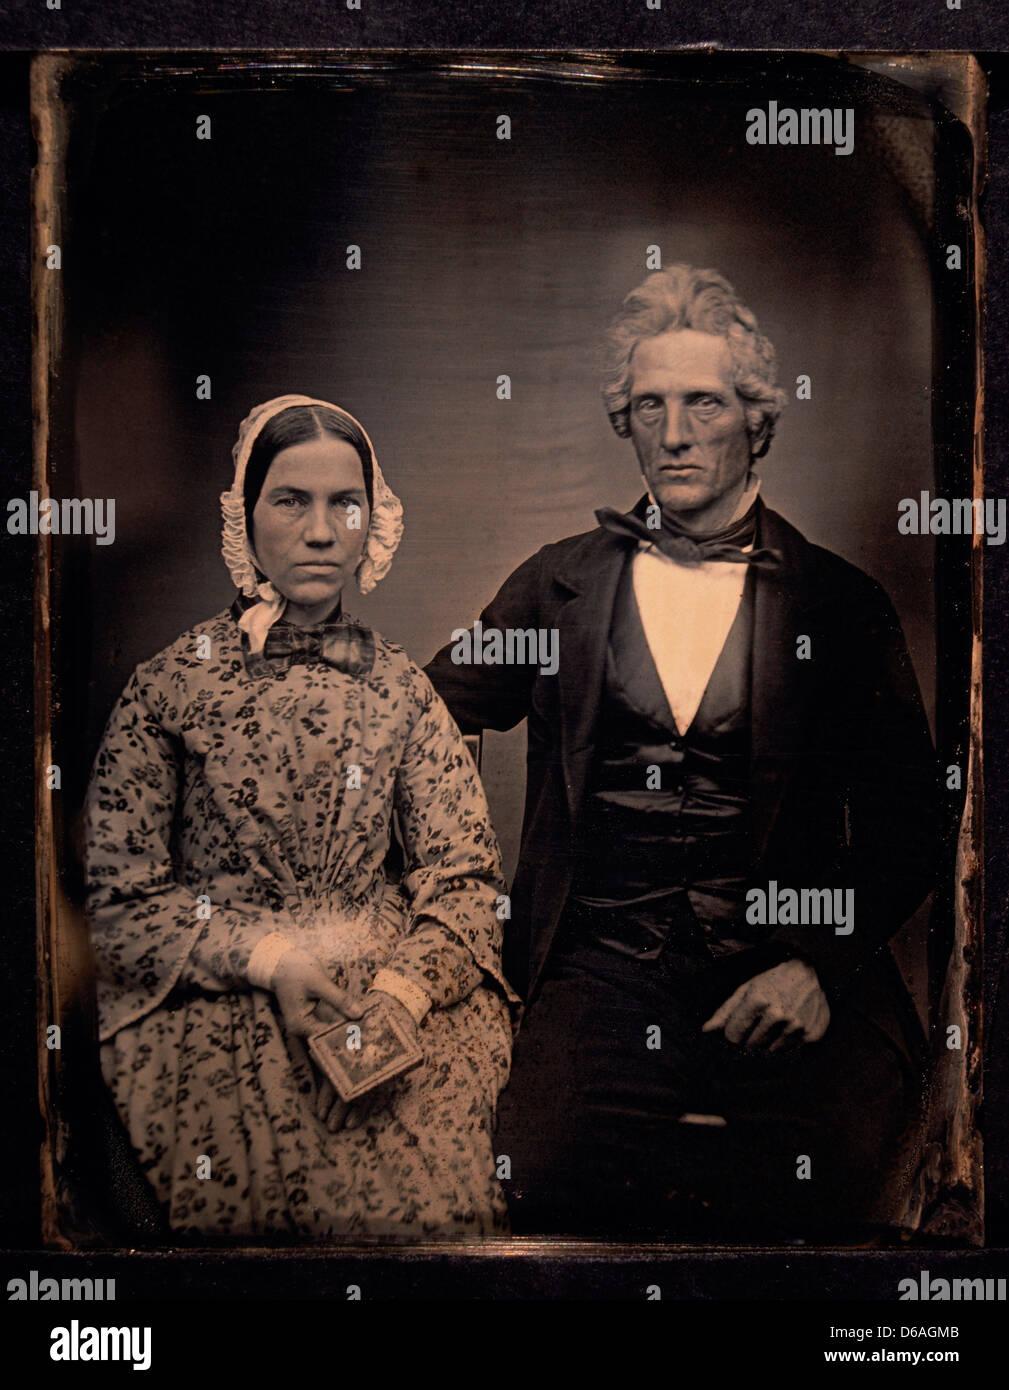 Paar Porträt, Daguerreotypie, ca. 1850 Stockbild